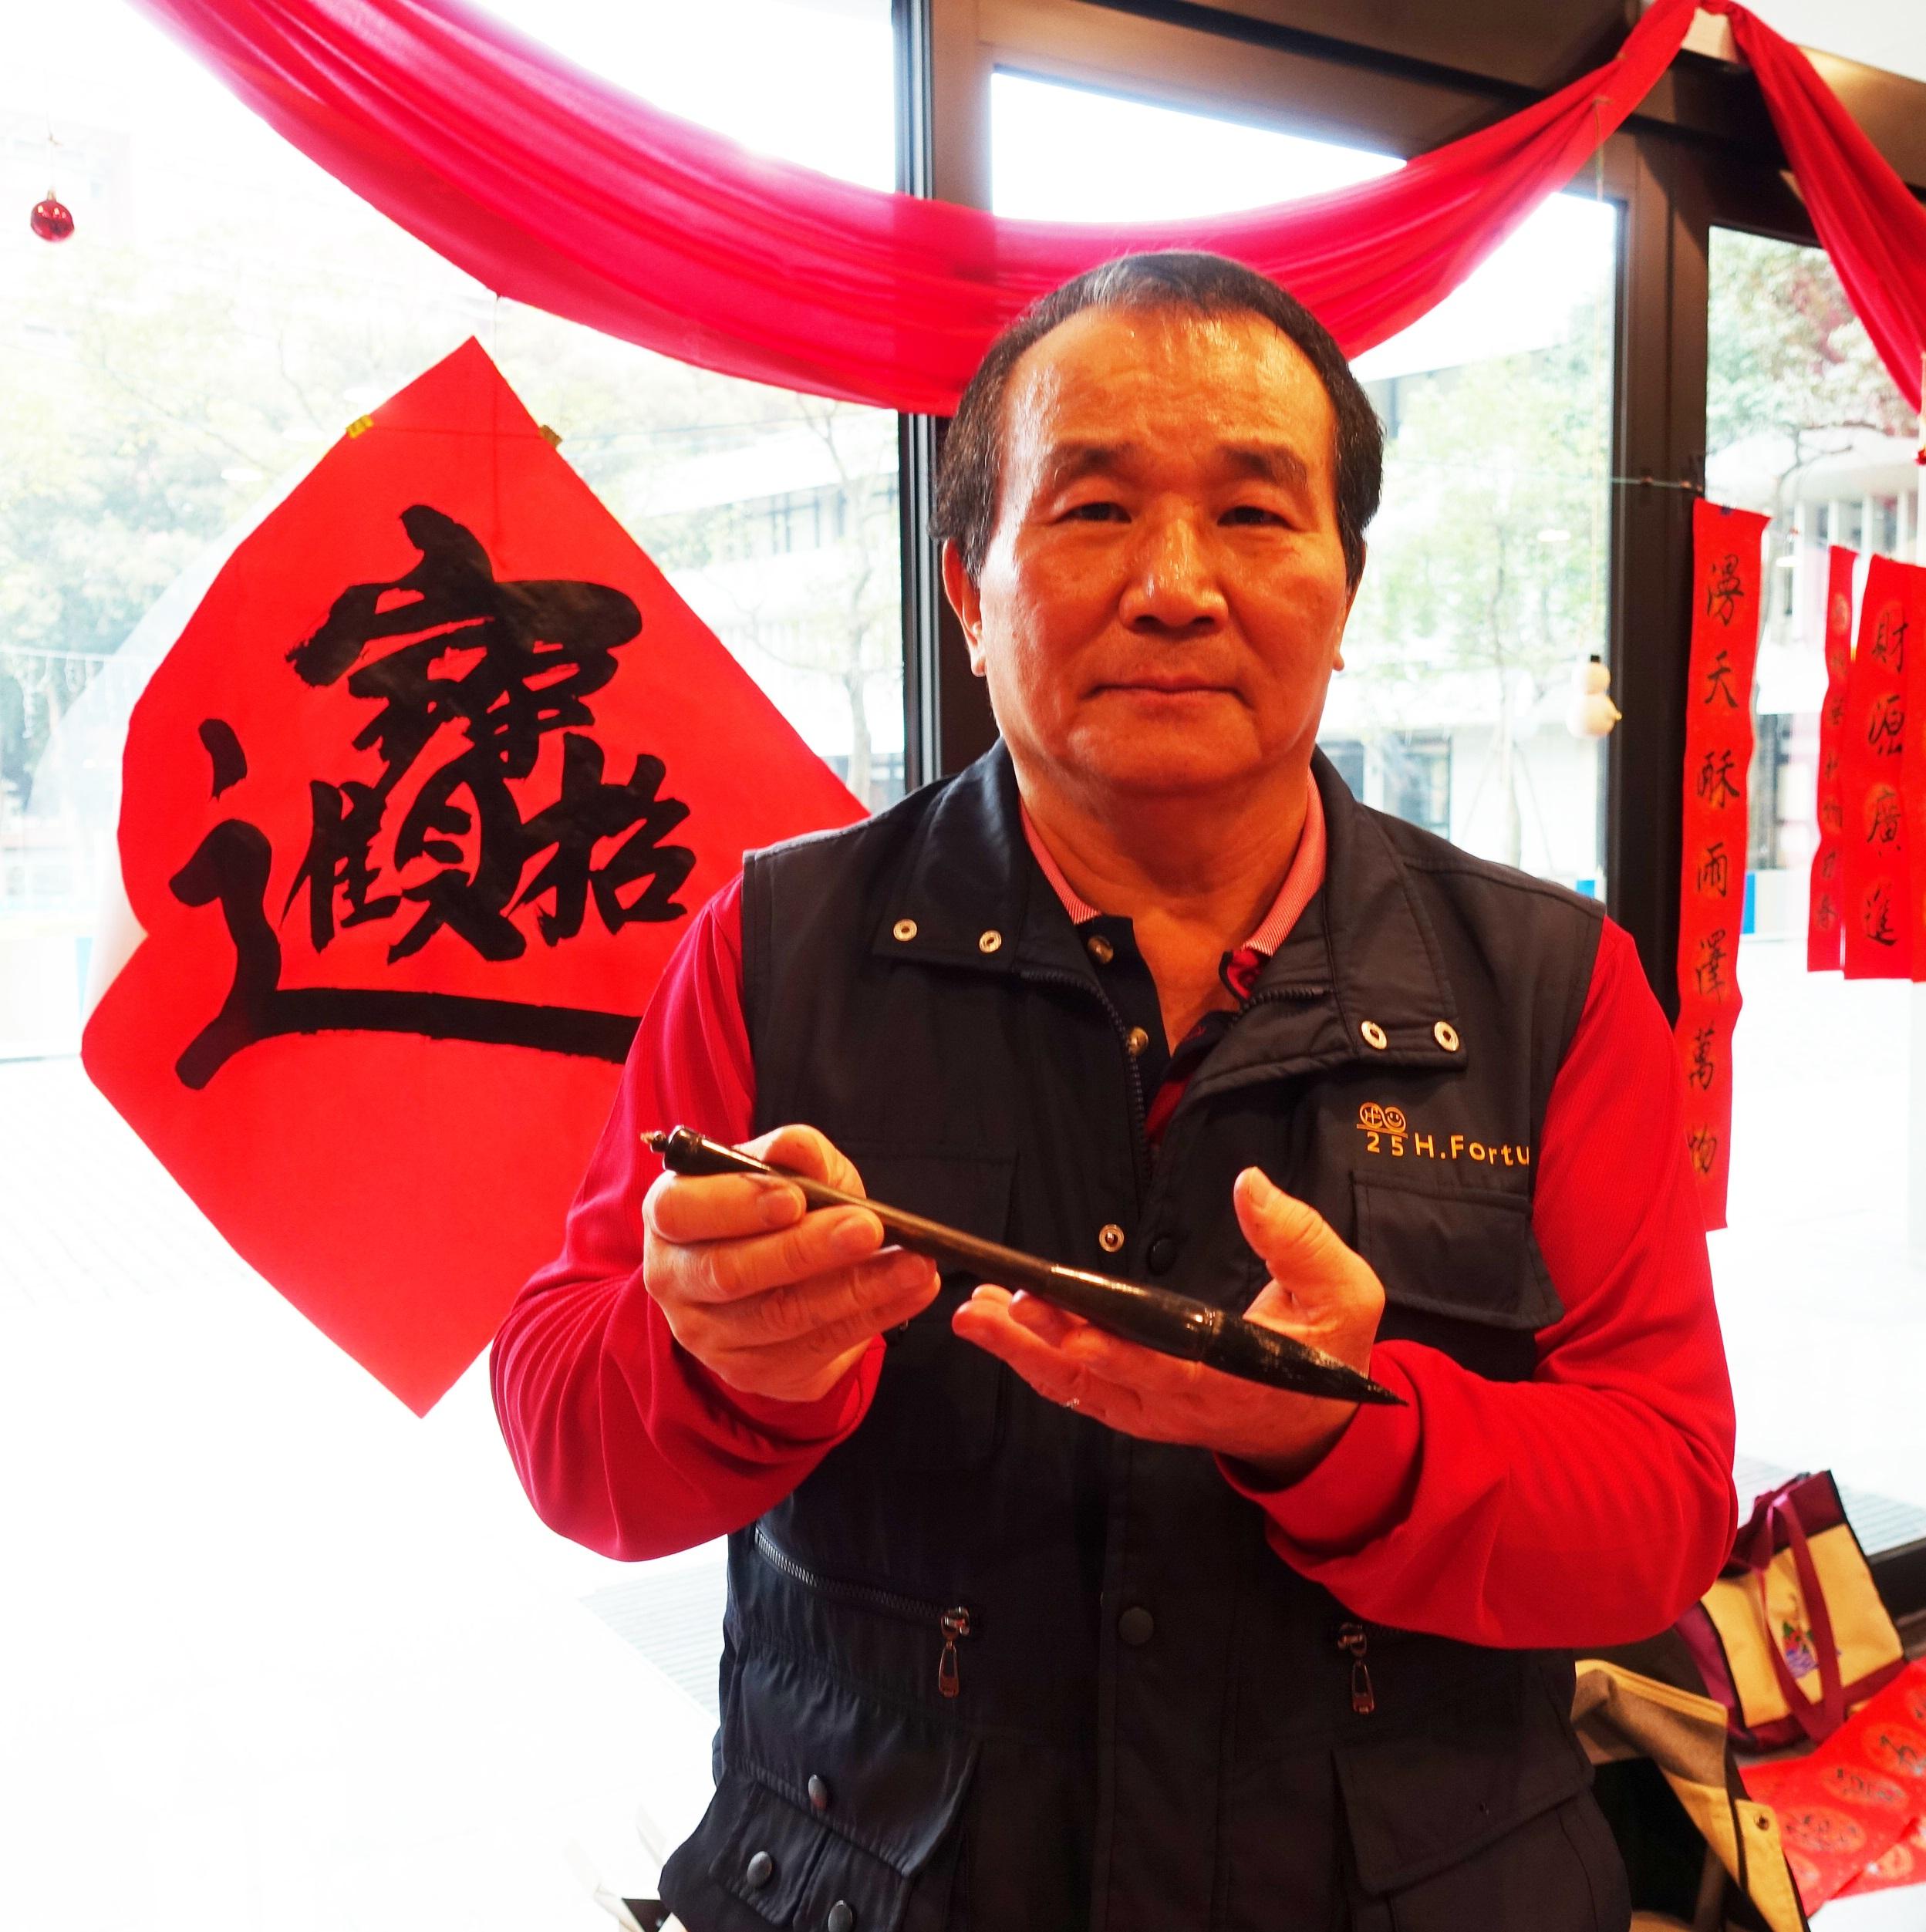 余章鈞校友手持其父親的毛筆,蘊含了傳承與動人的故事。.jpg